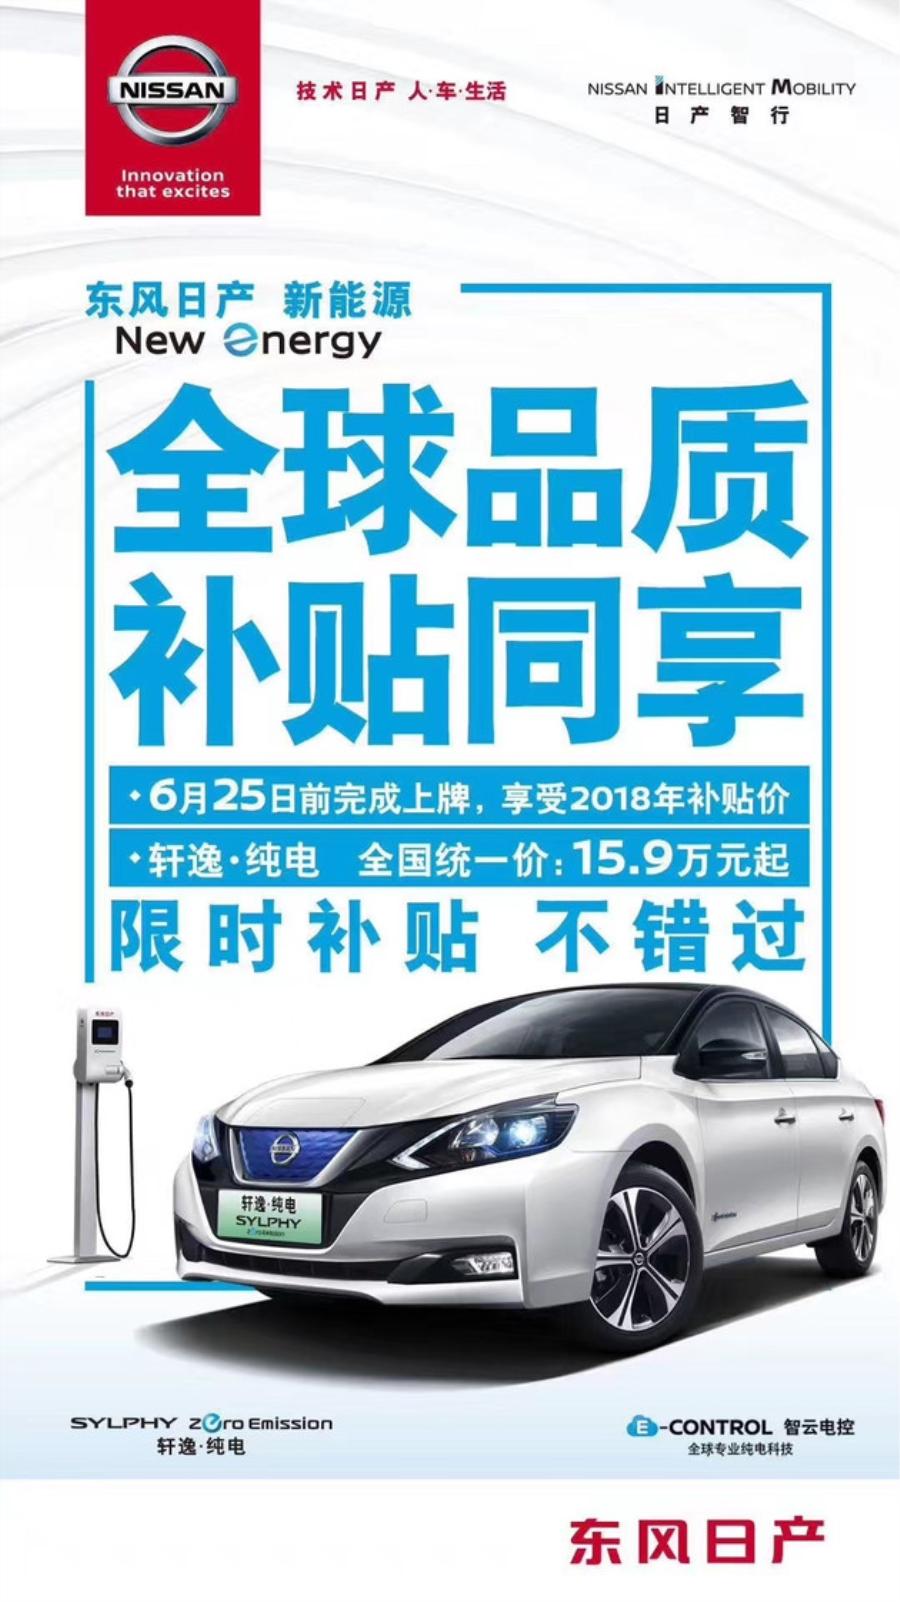 轩逸·纯电发布保价计划 6月25前上牌维持原价